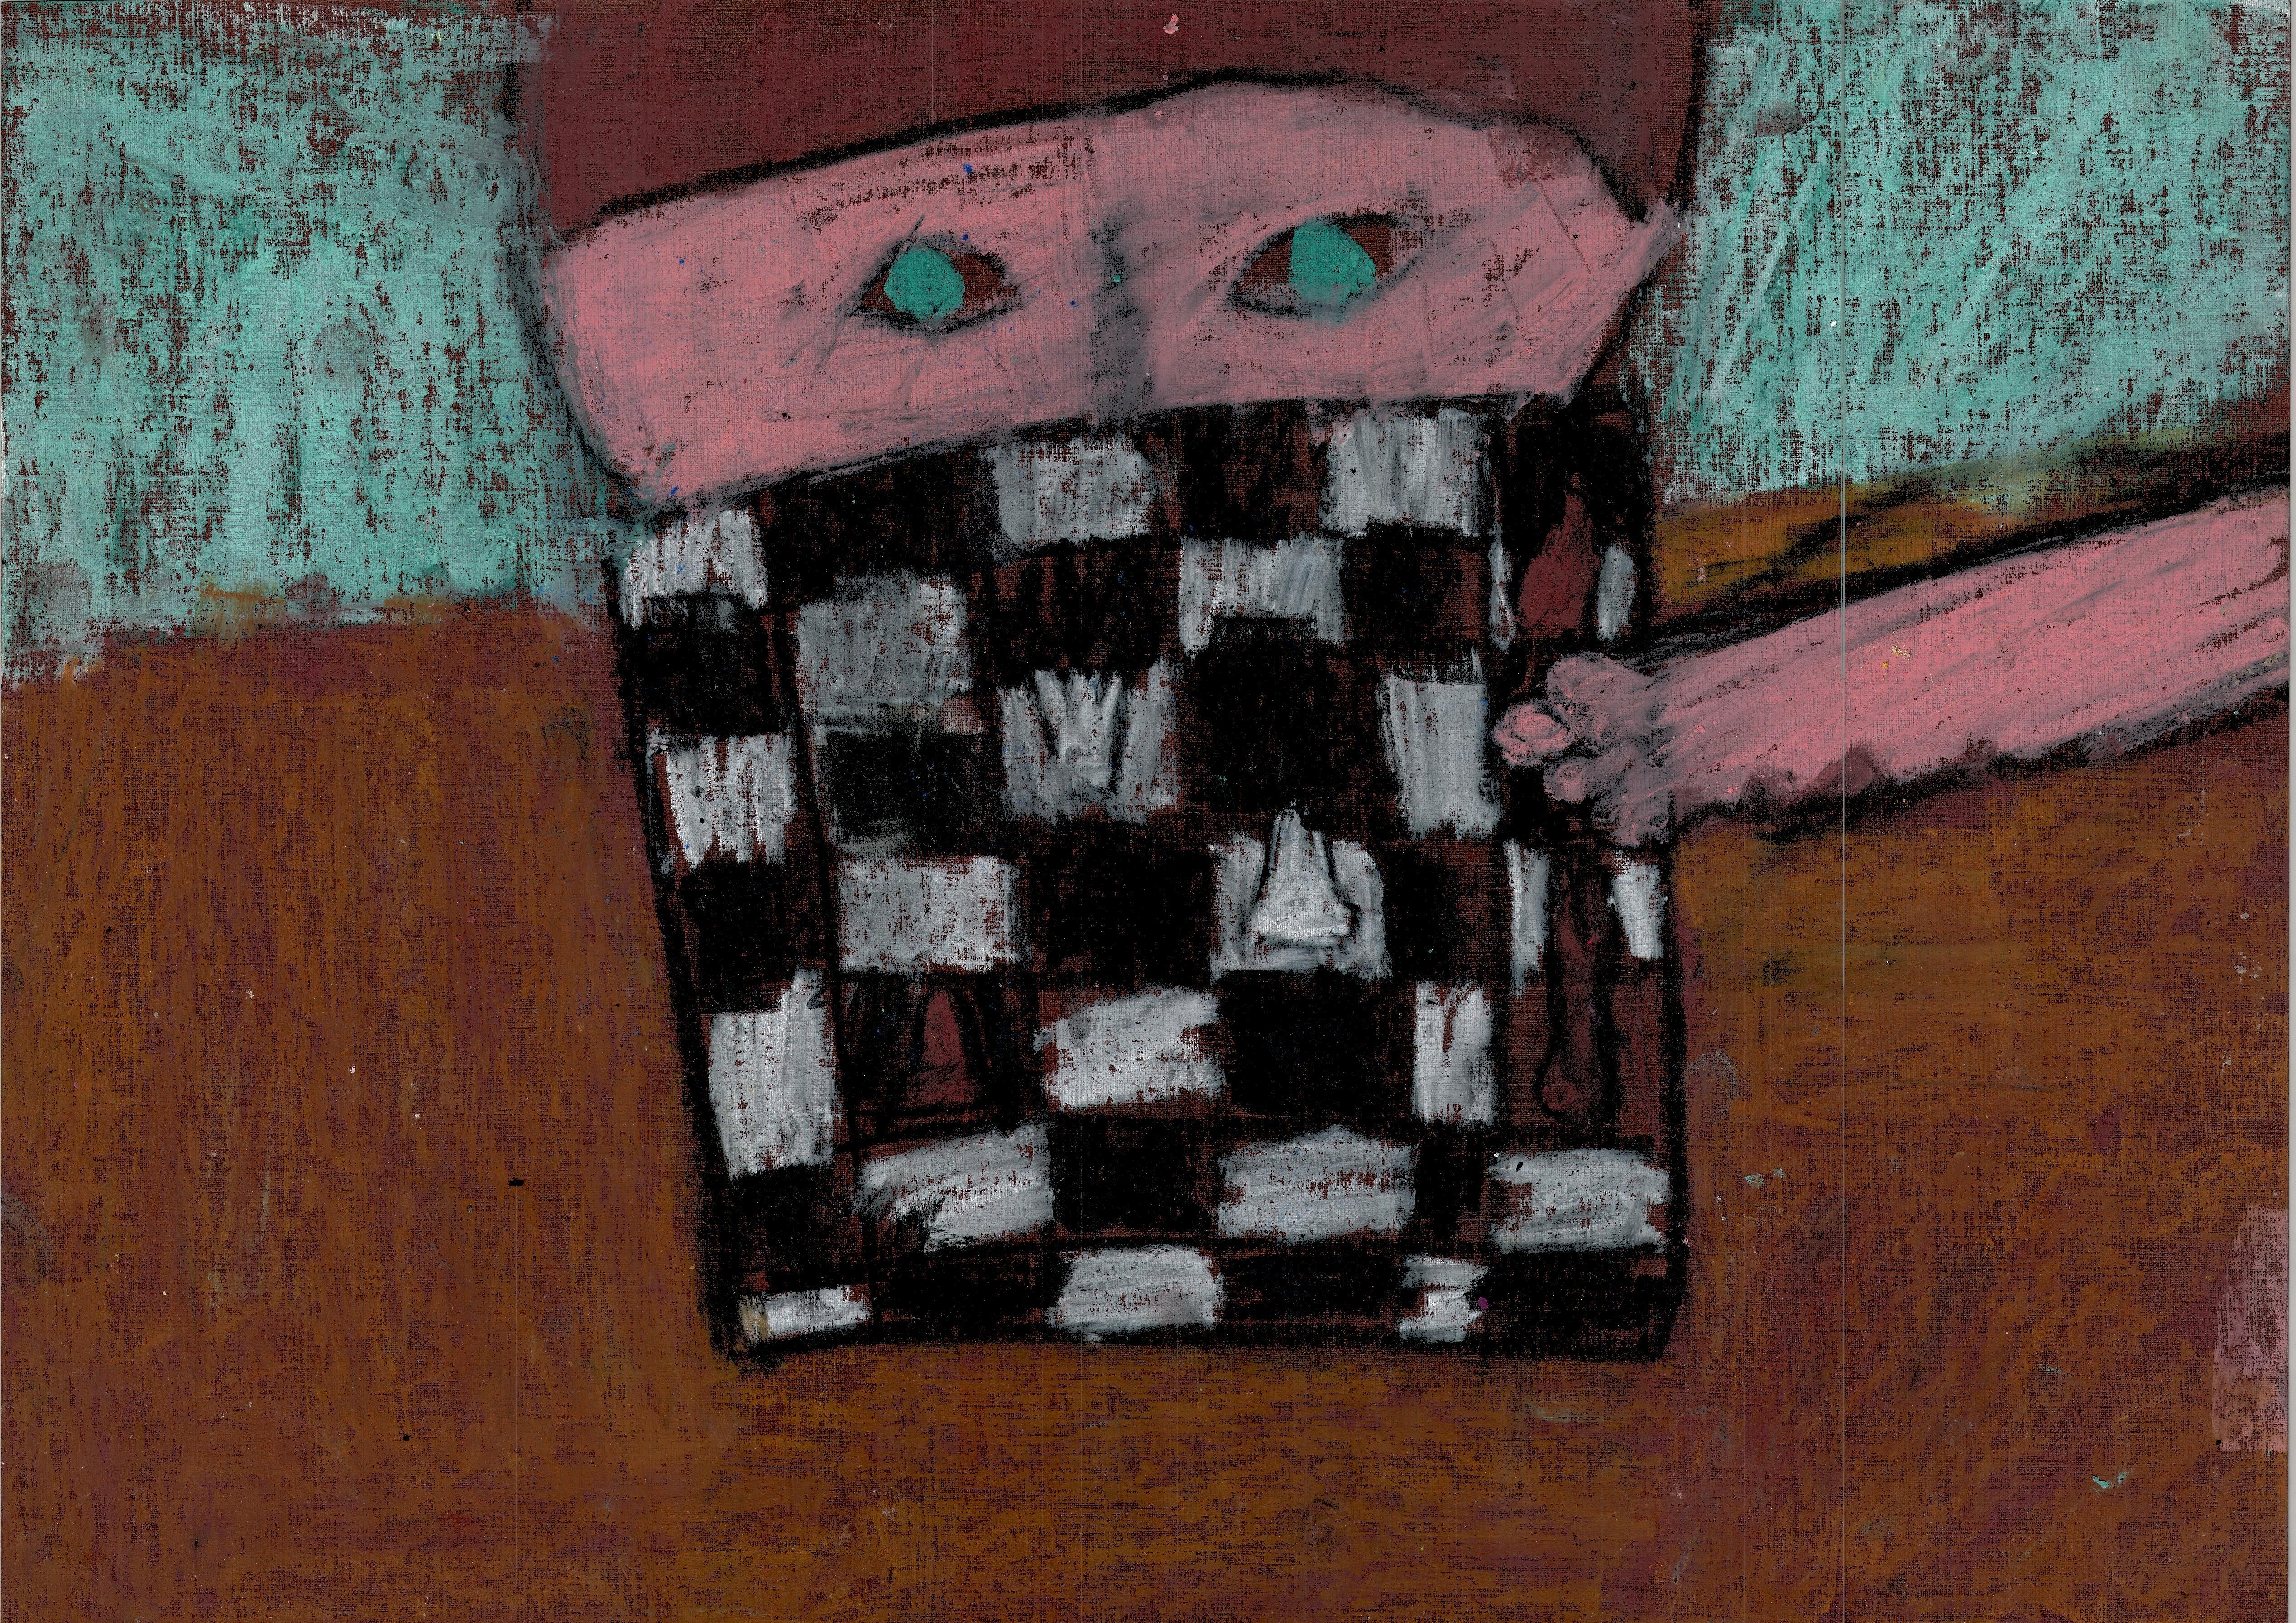 Rysunek – Karolina Wiśniewska (lat 9, Centrum Kultury w Łęcznej). Konkurs KRÓLEWSKA GRA – SZACHY (nagroda), MDK Śródmieście Wrocław, listopad 2015.